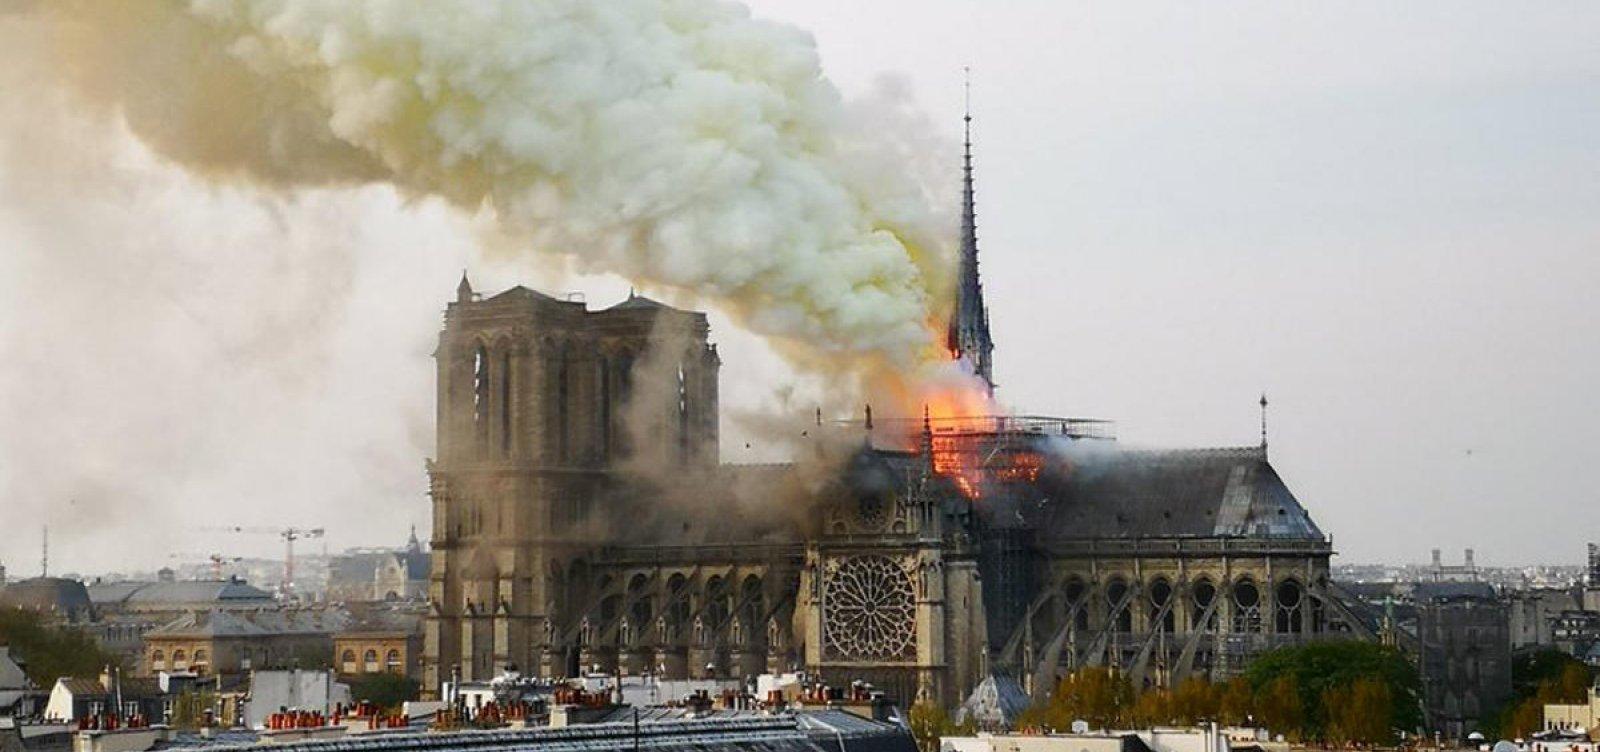 [Procurador acredita que incêndio na Catedral de Notre-Dame foi 'acidente']